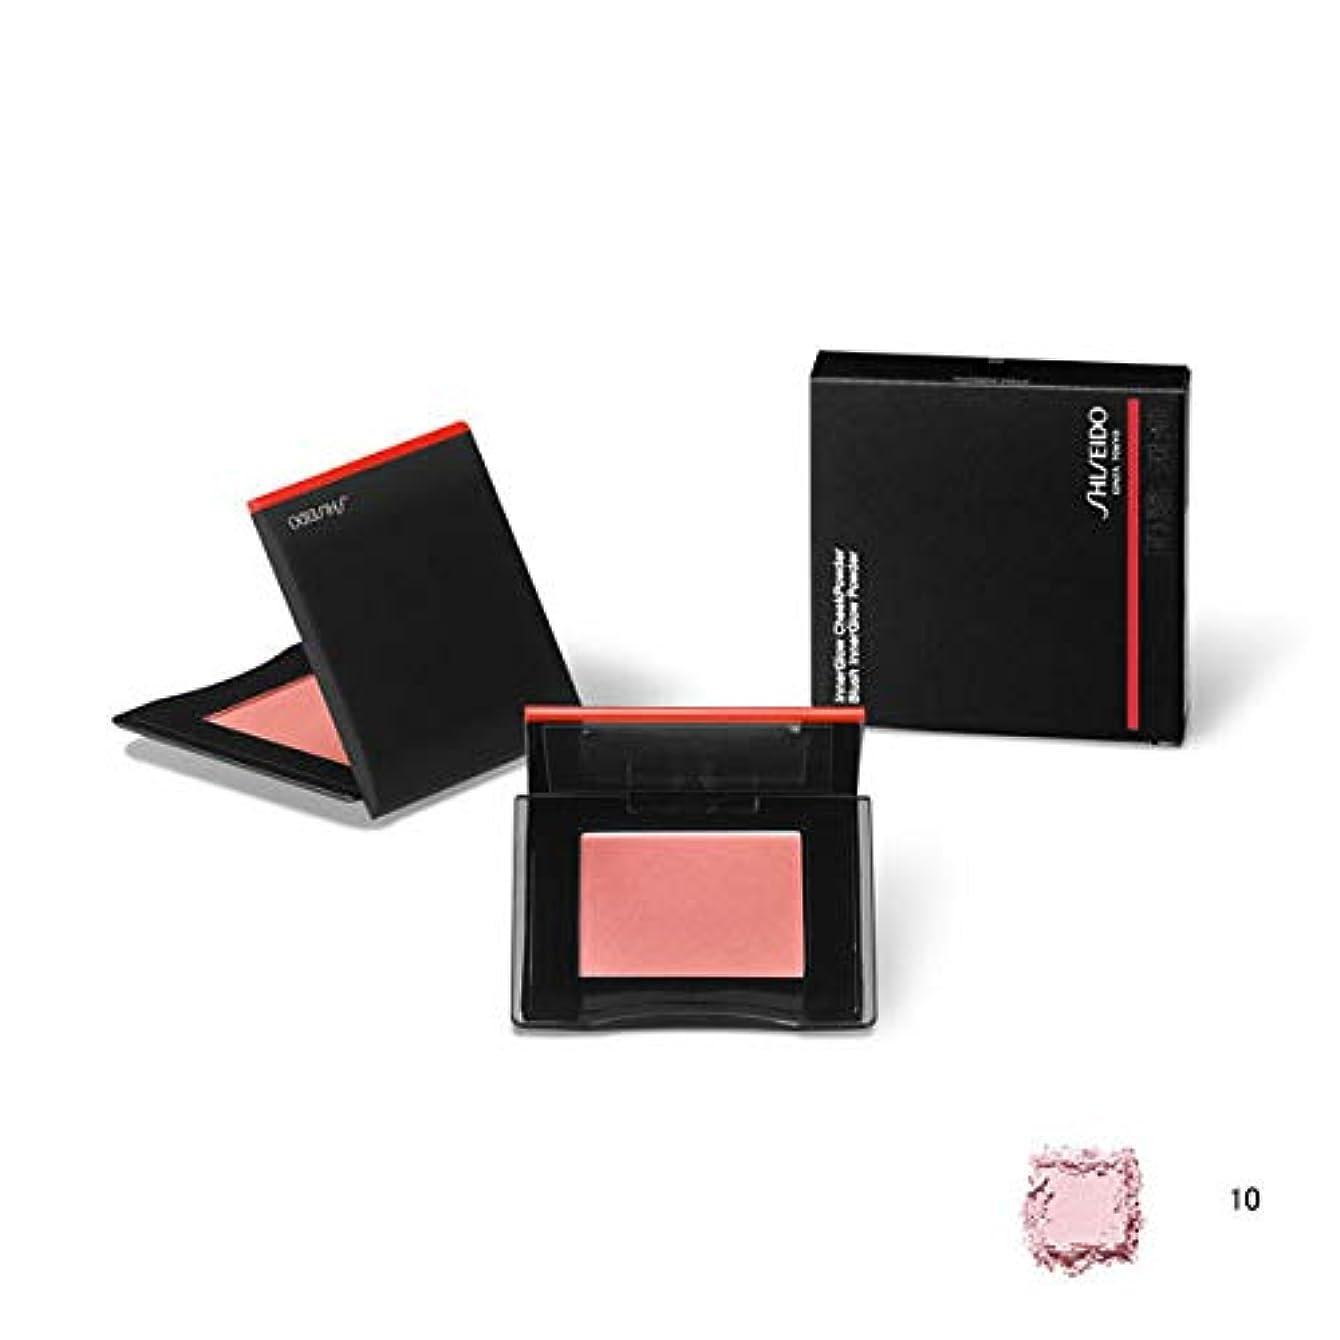 ギャラントリールー崩壊SHISEIDO Makeup(資生堂 メーキャップ) SHISEIDO(資生堂) SHISEIDO インナーグロウ チークパウダー 4g (10)